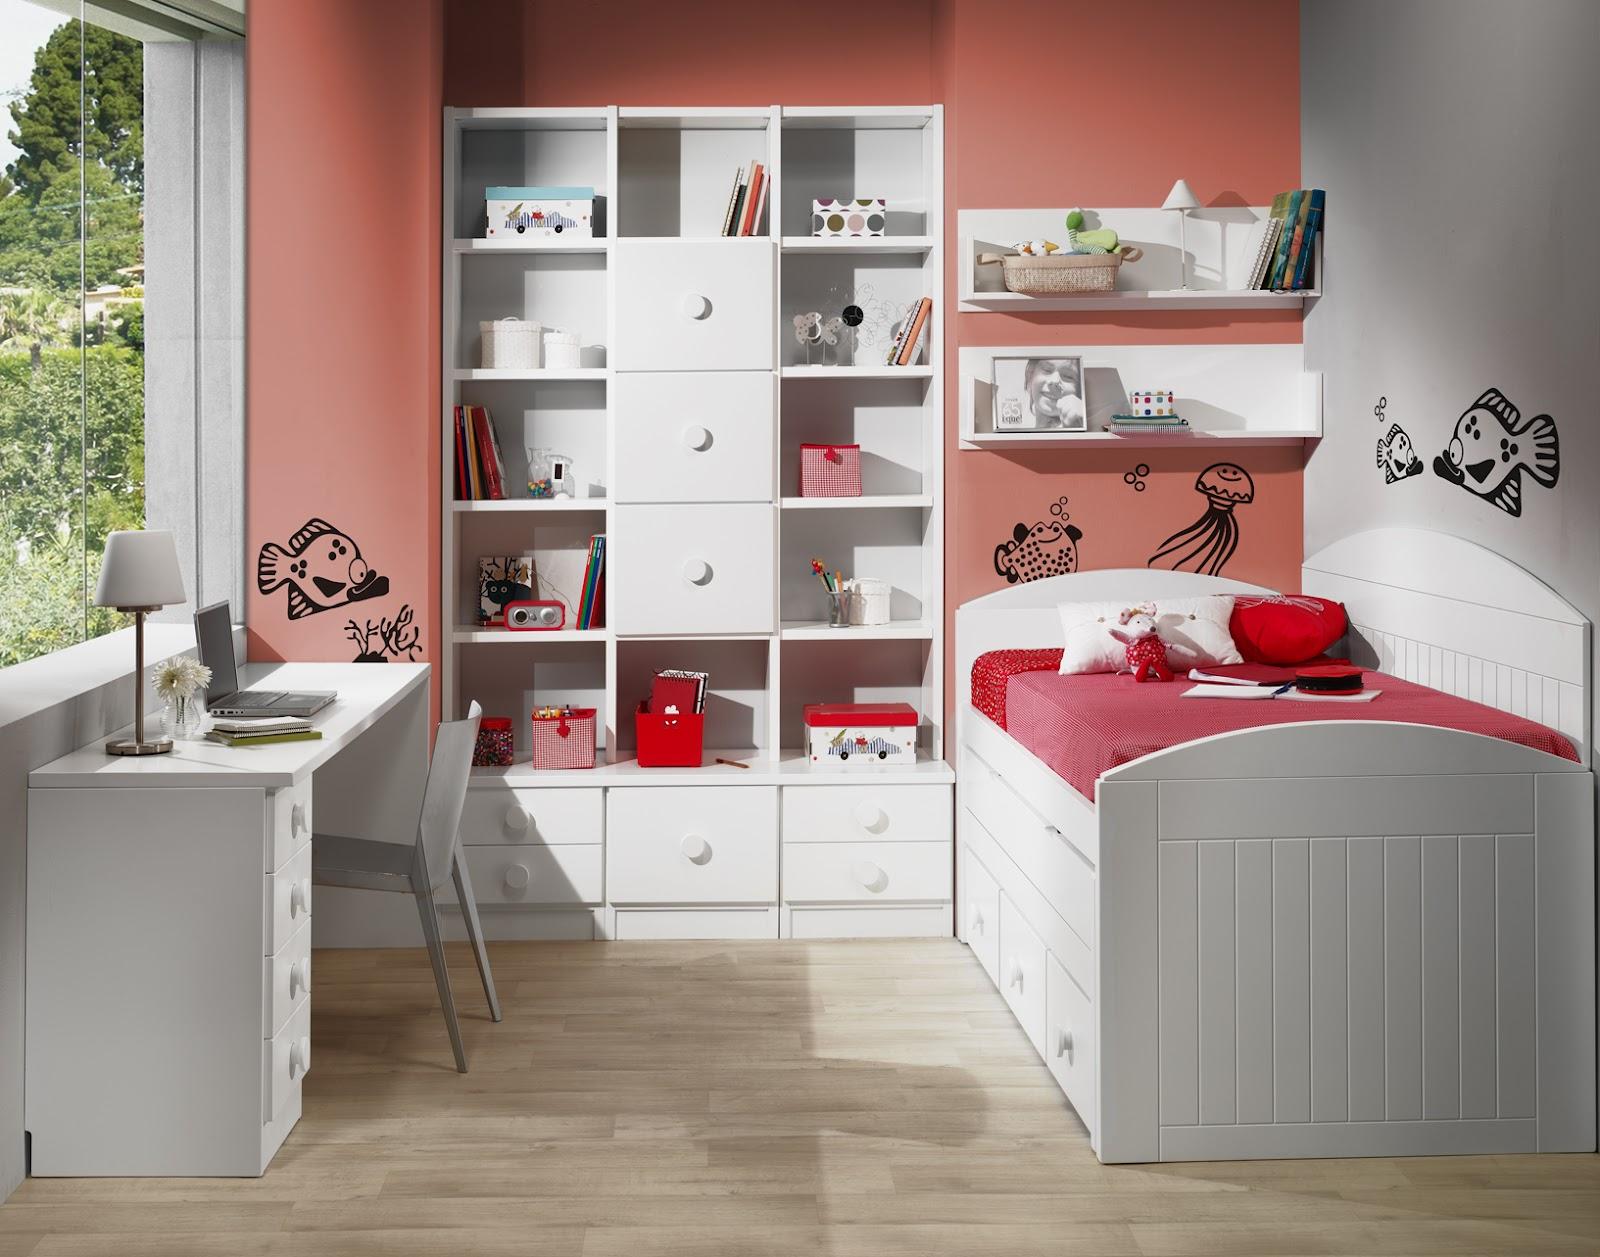 Dormitorios habitaciones juveniles e infantiles lacadas for Muebles de dormitorio infantil